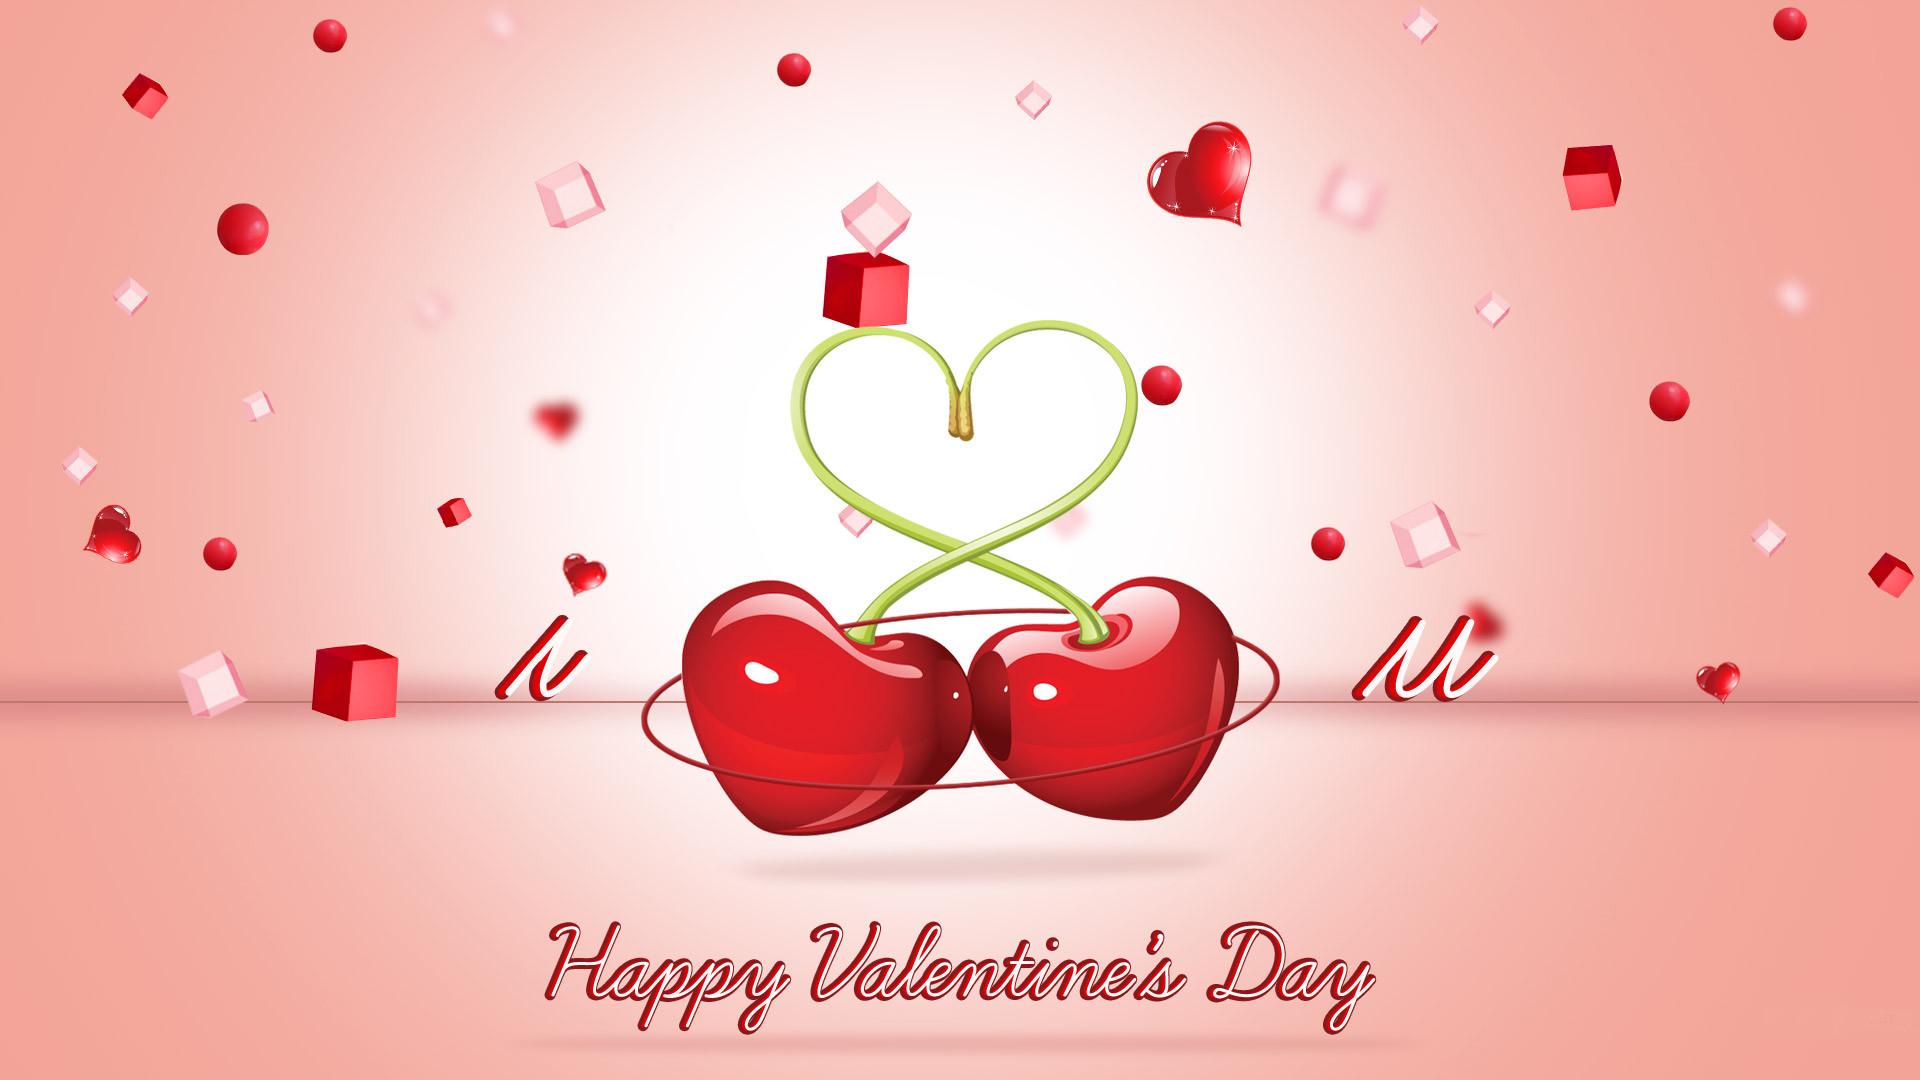 Happy Valentine's Day Desktop Wallpapers 1920×1080